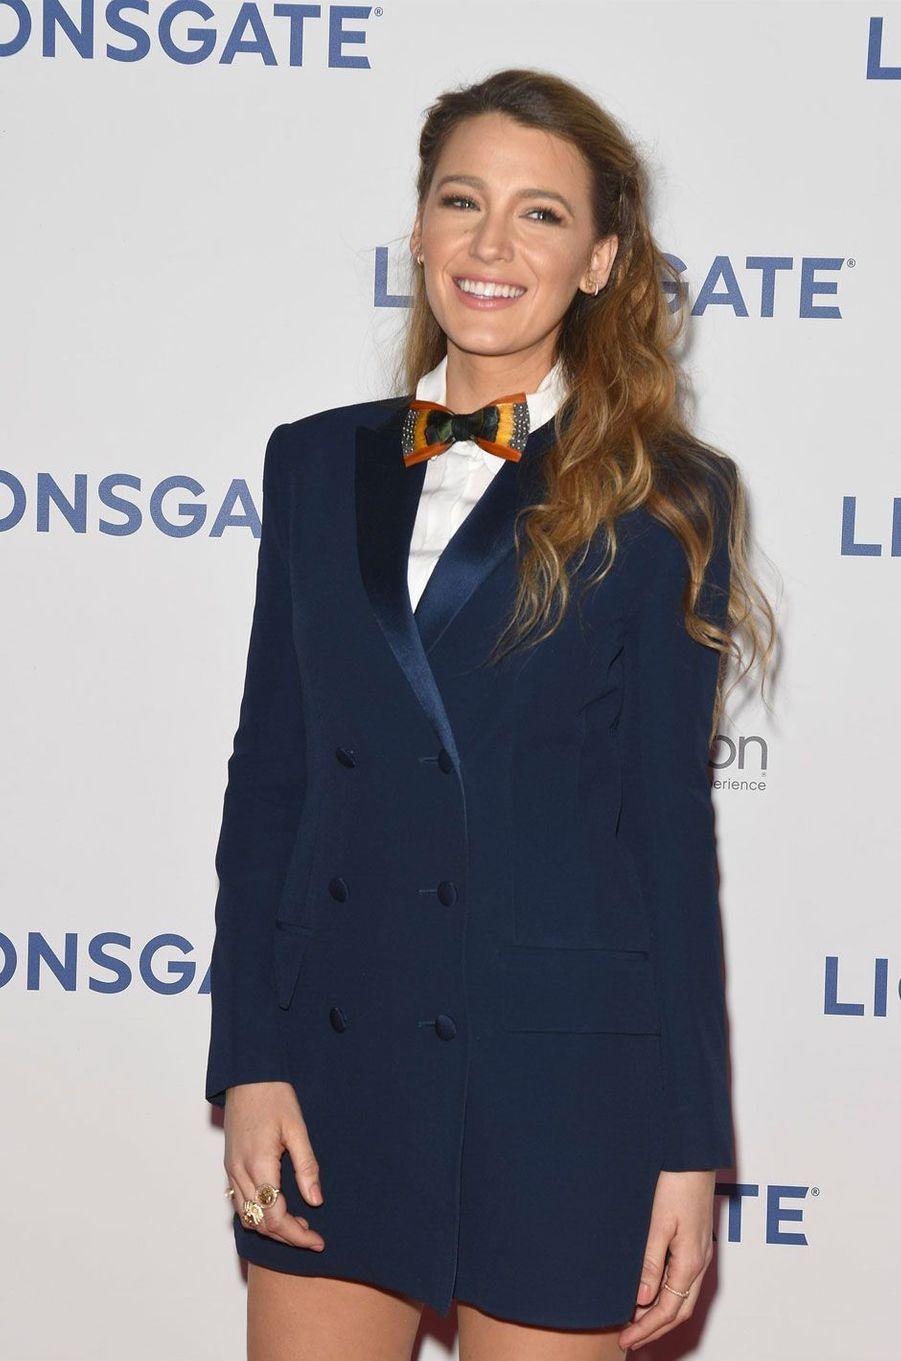 Blake Lively à la soirée Lionsgate CinemaCon 2018 au Caesars Palace à Las Vegas, le 26 avril 2018